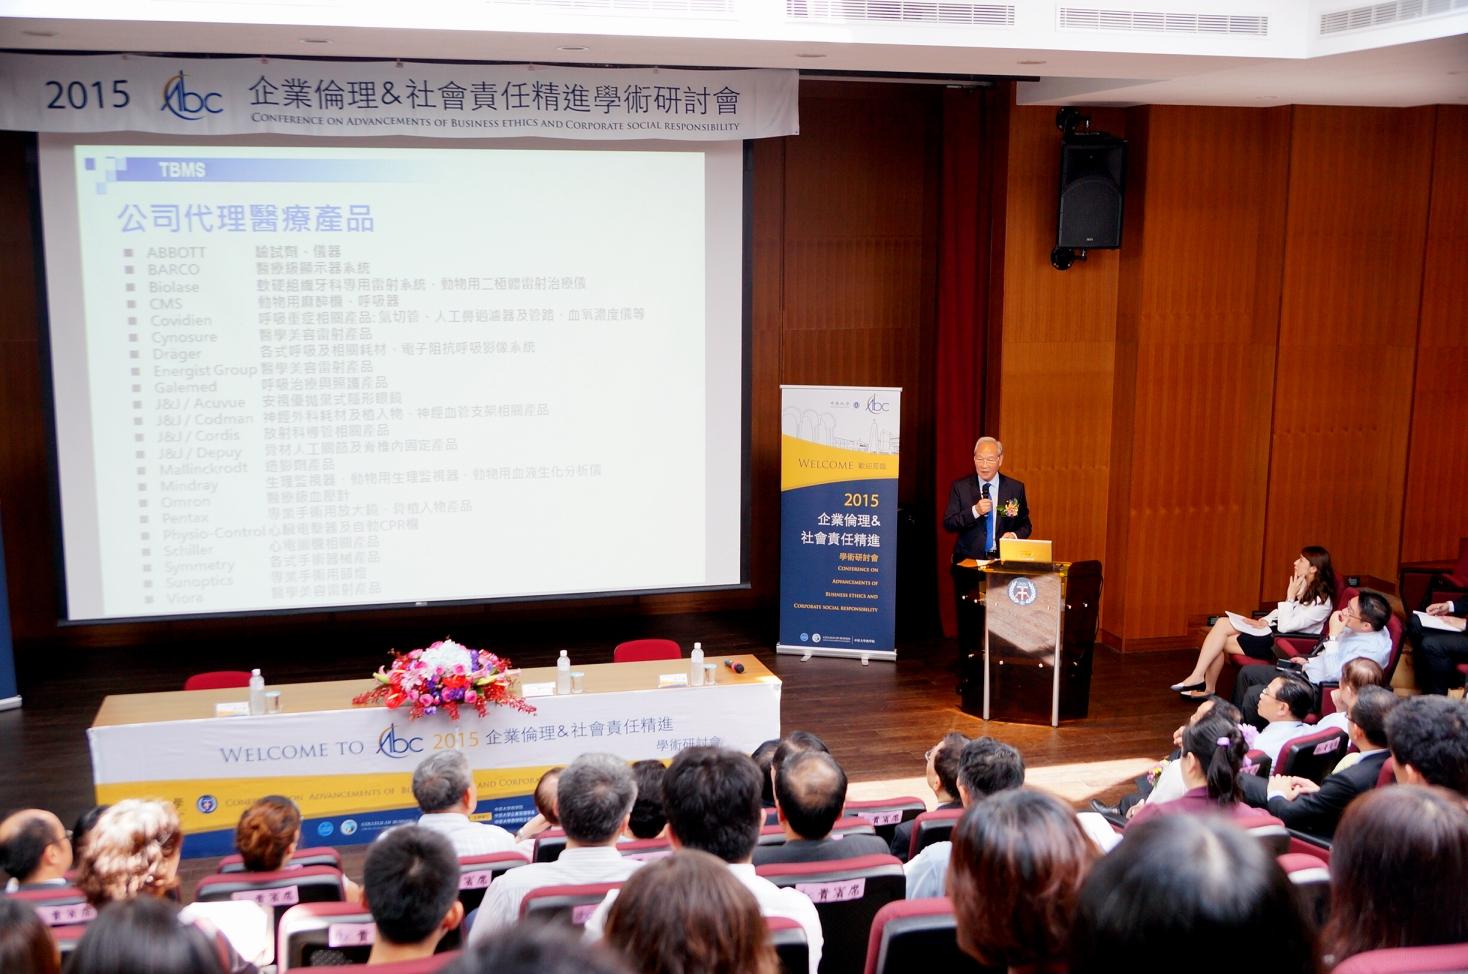 企業倫理與社會責任精進學術研討會 圓滿成功